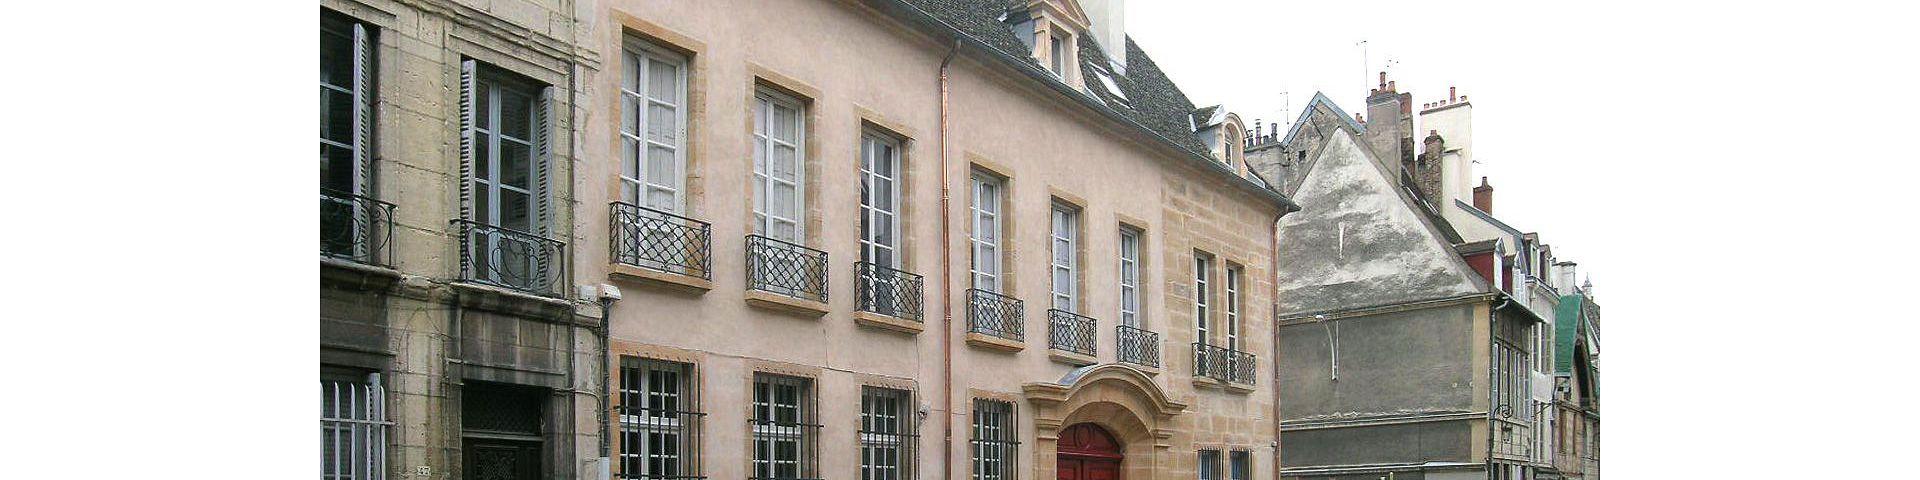 Dijon - Immeuble rue vannerie (21)